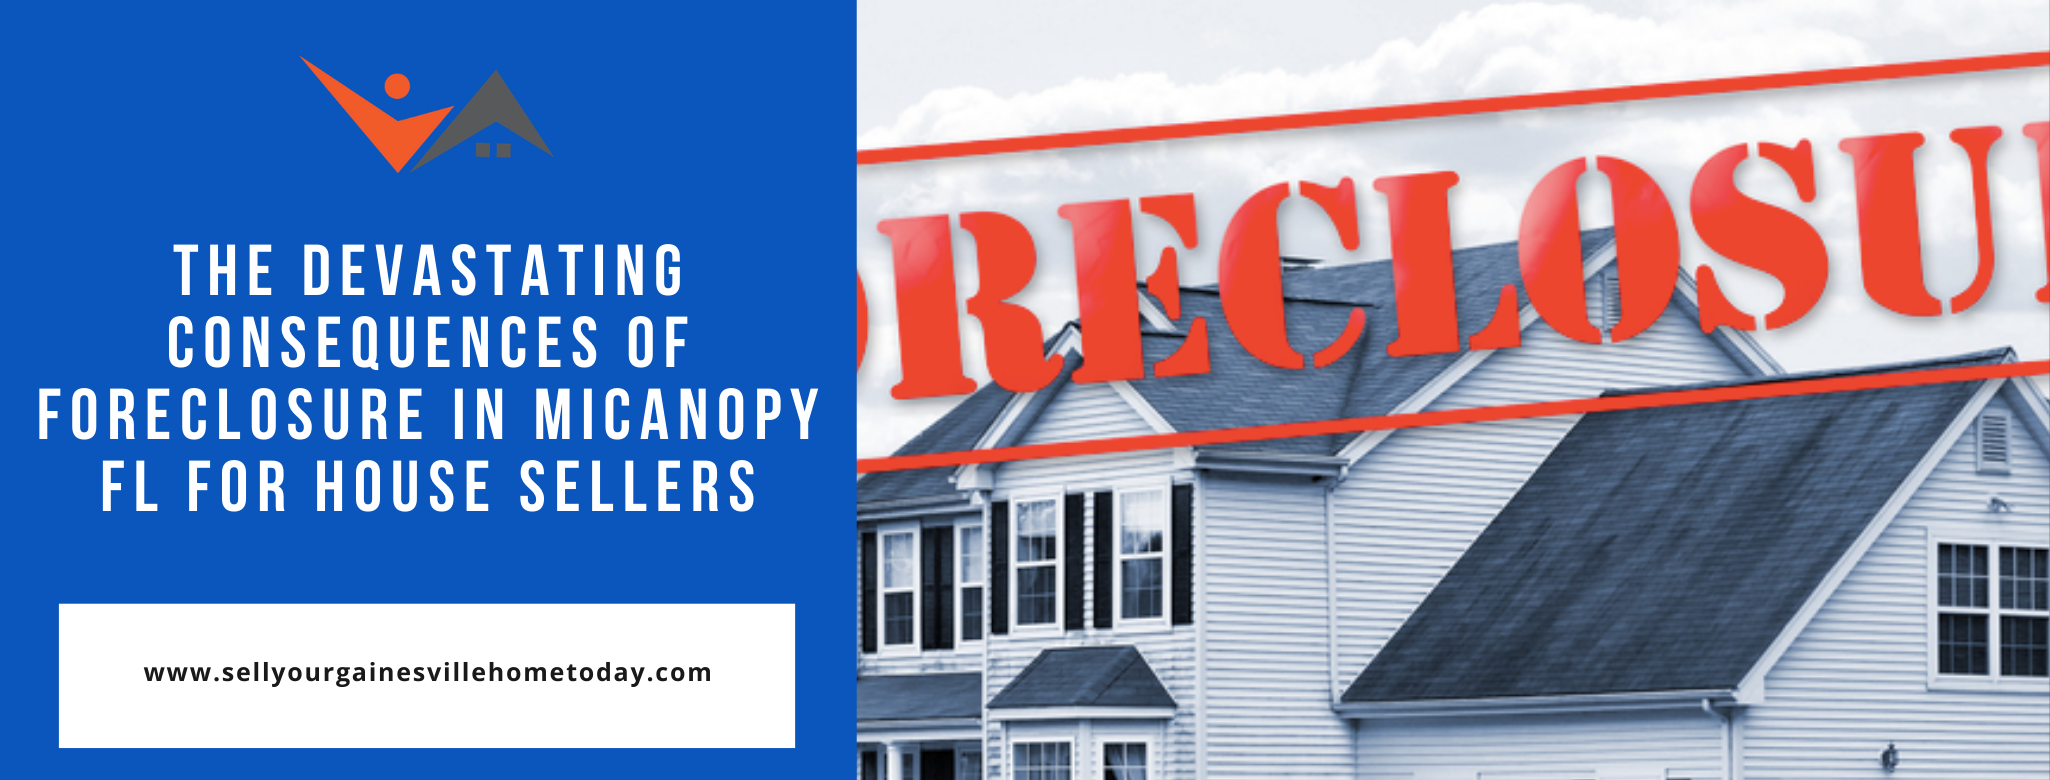 We buy properties in ur House During Divorce in Micanopy FL